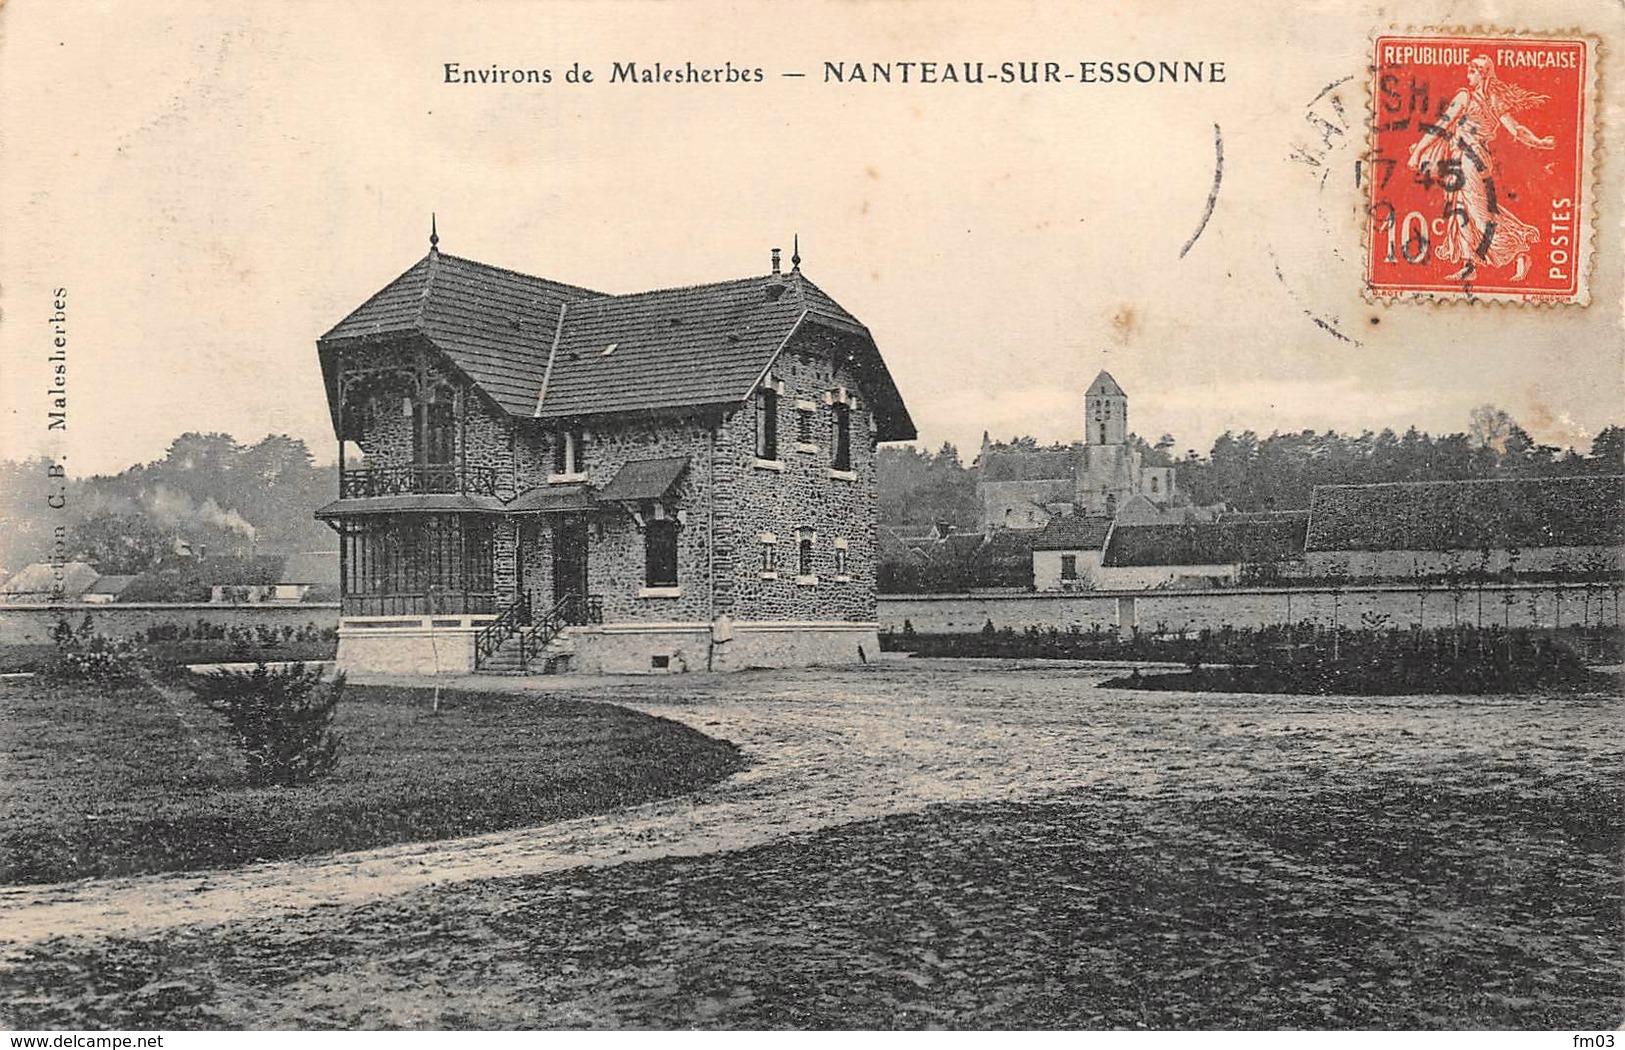 Nanteau Sur Essonne Canton La Chapelle La Reine - France